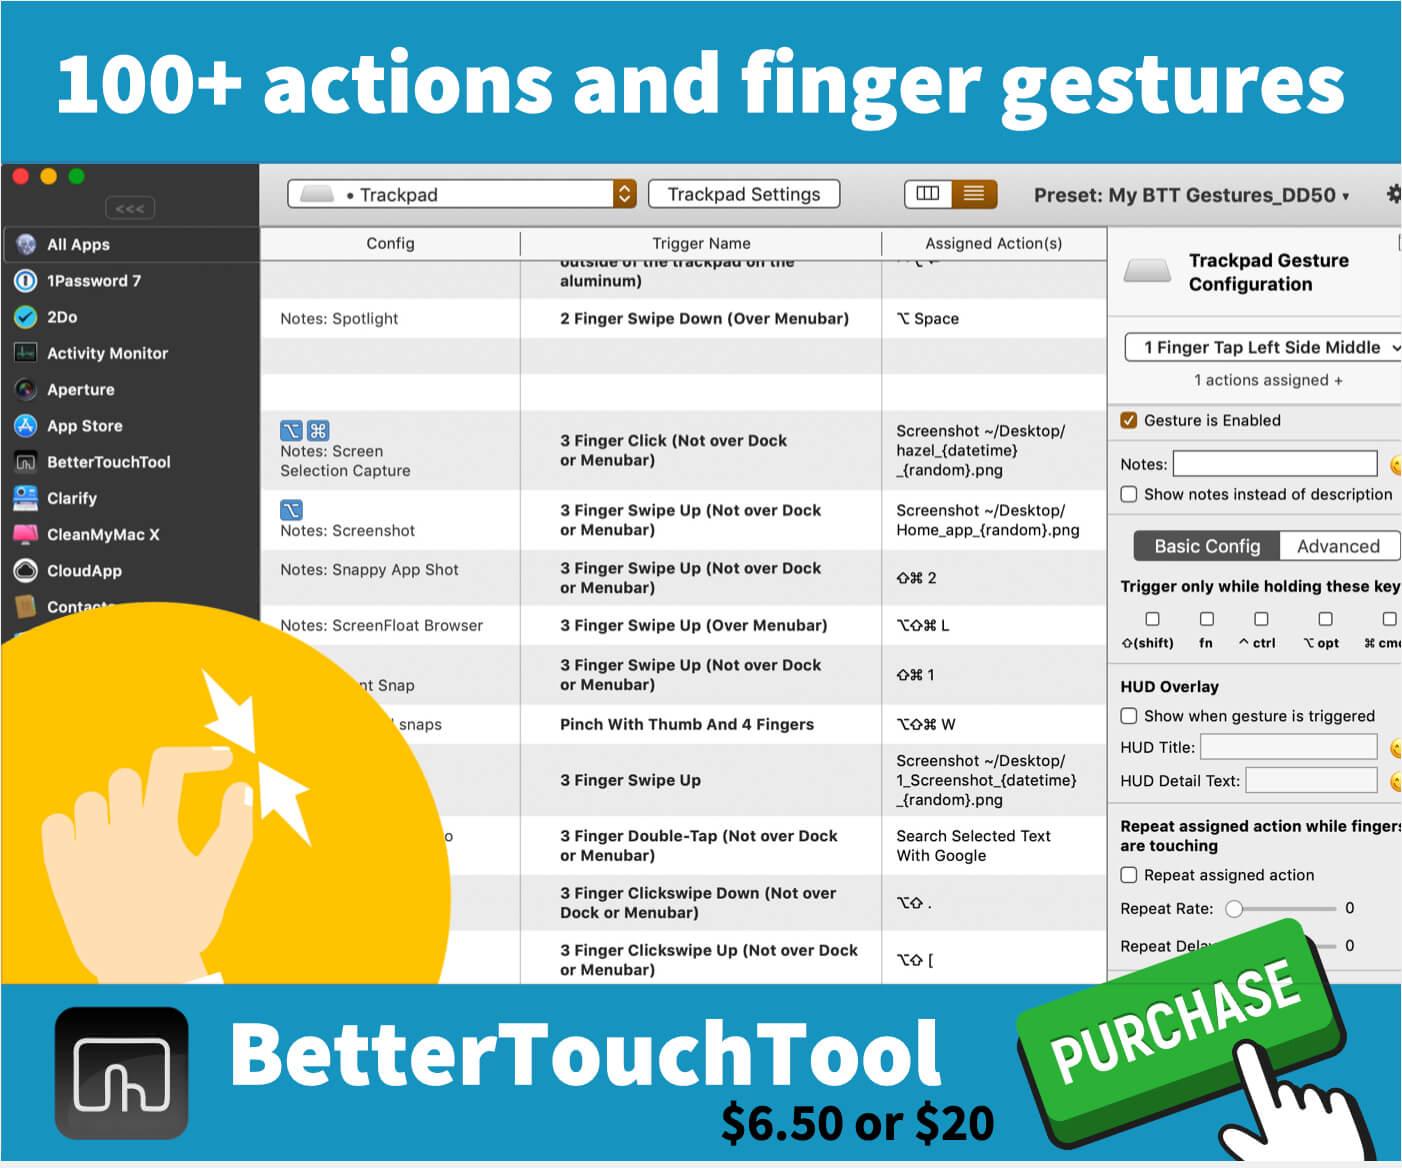 BetterTouchTool ad